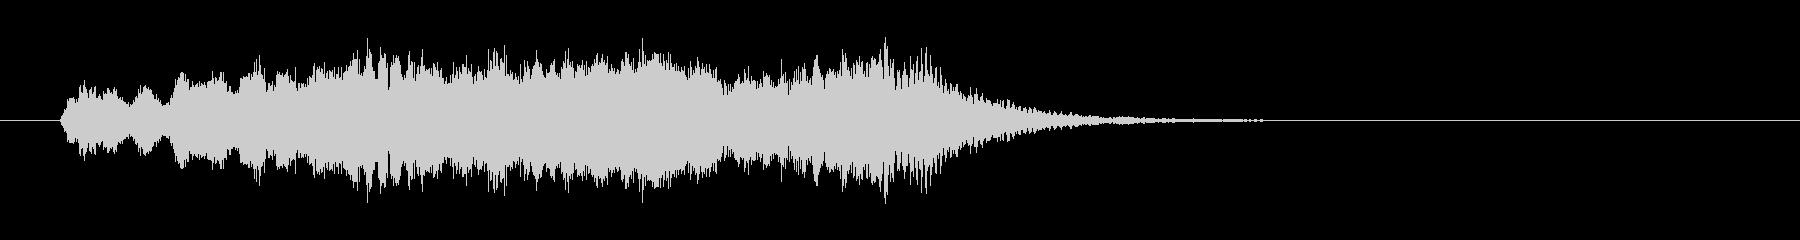 ファンタジー溢れるポップスの未再生の波形